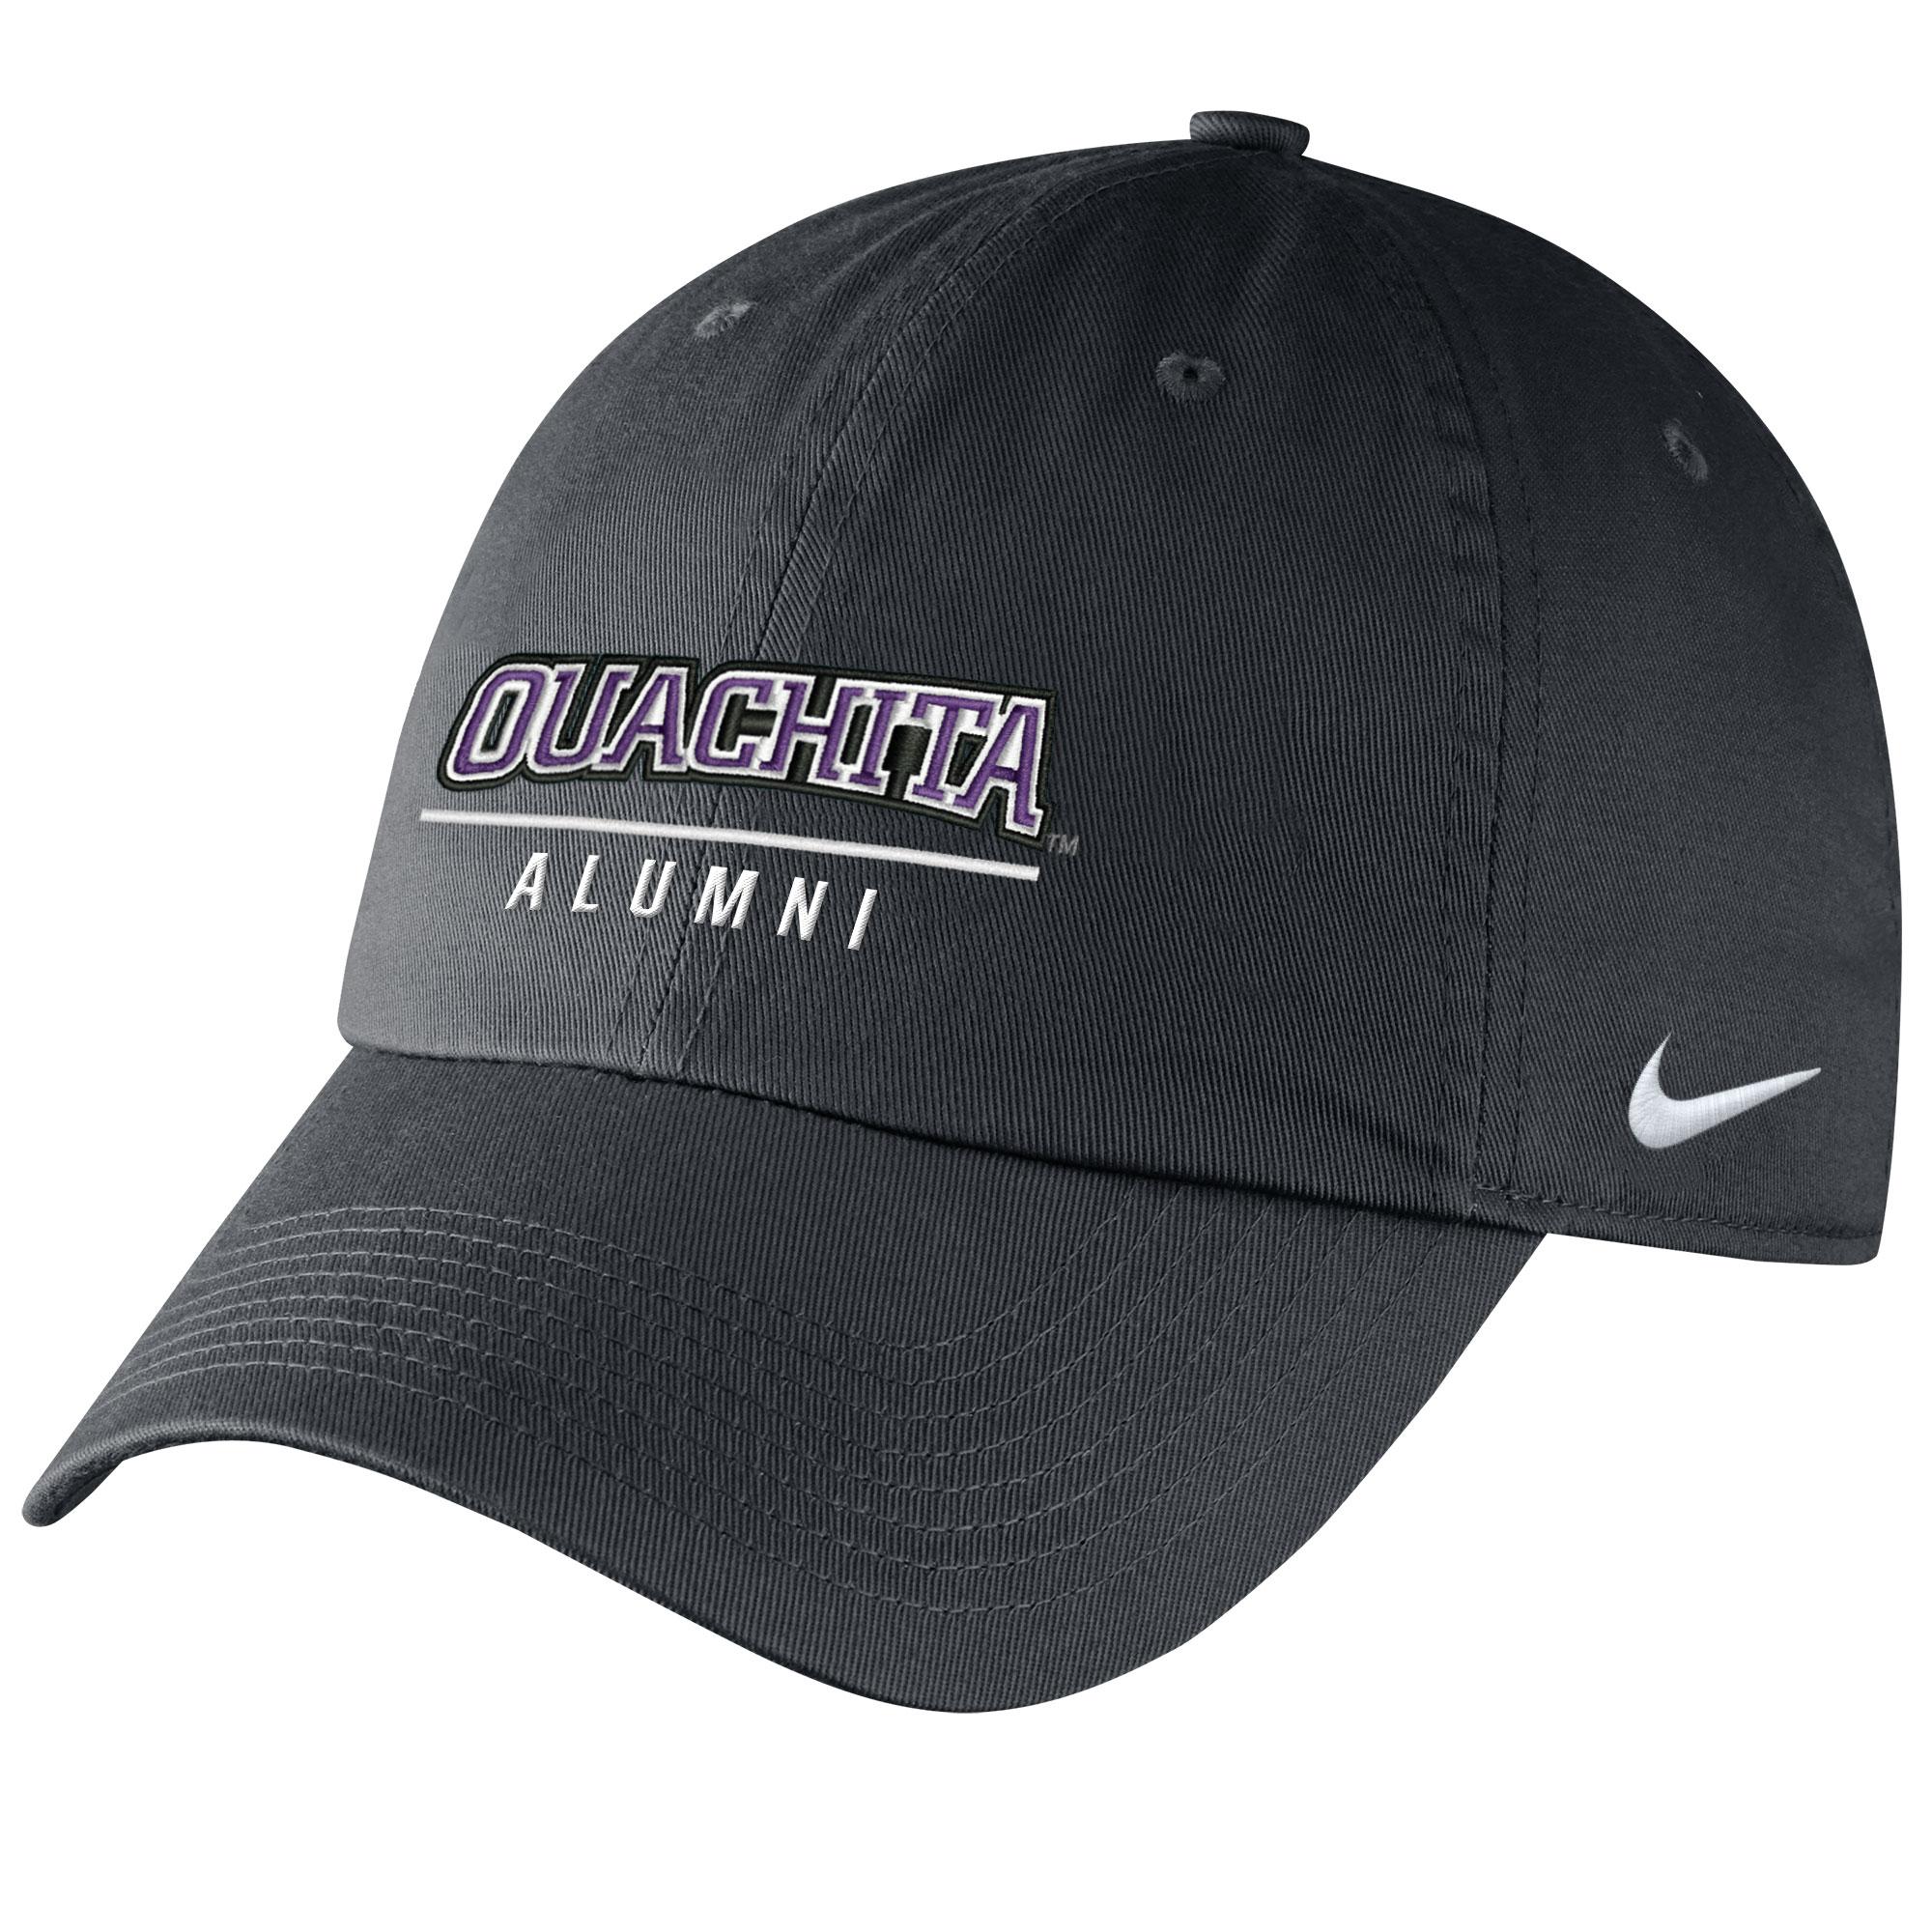 OUACHITA ALUMNI CAP